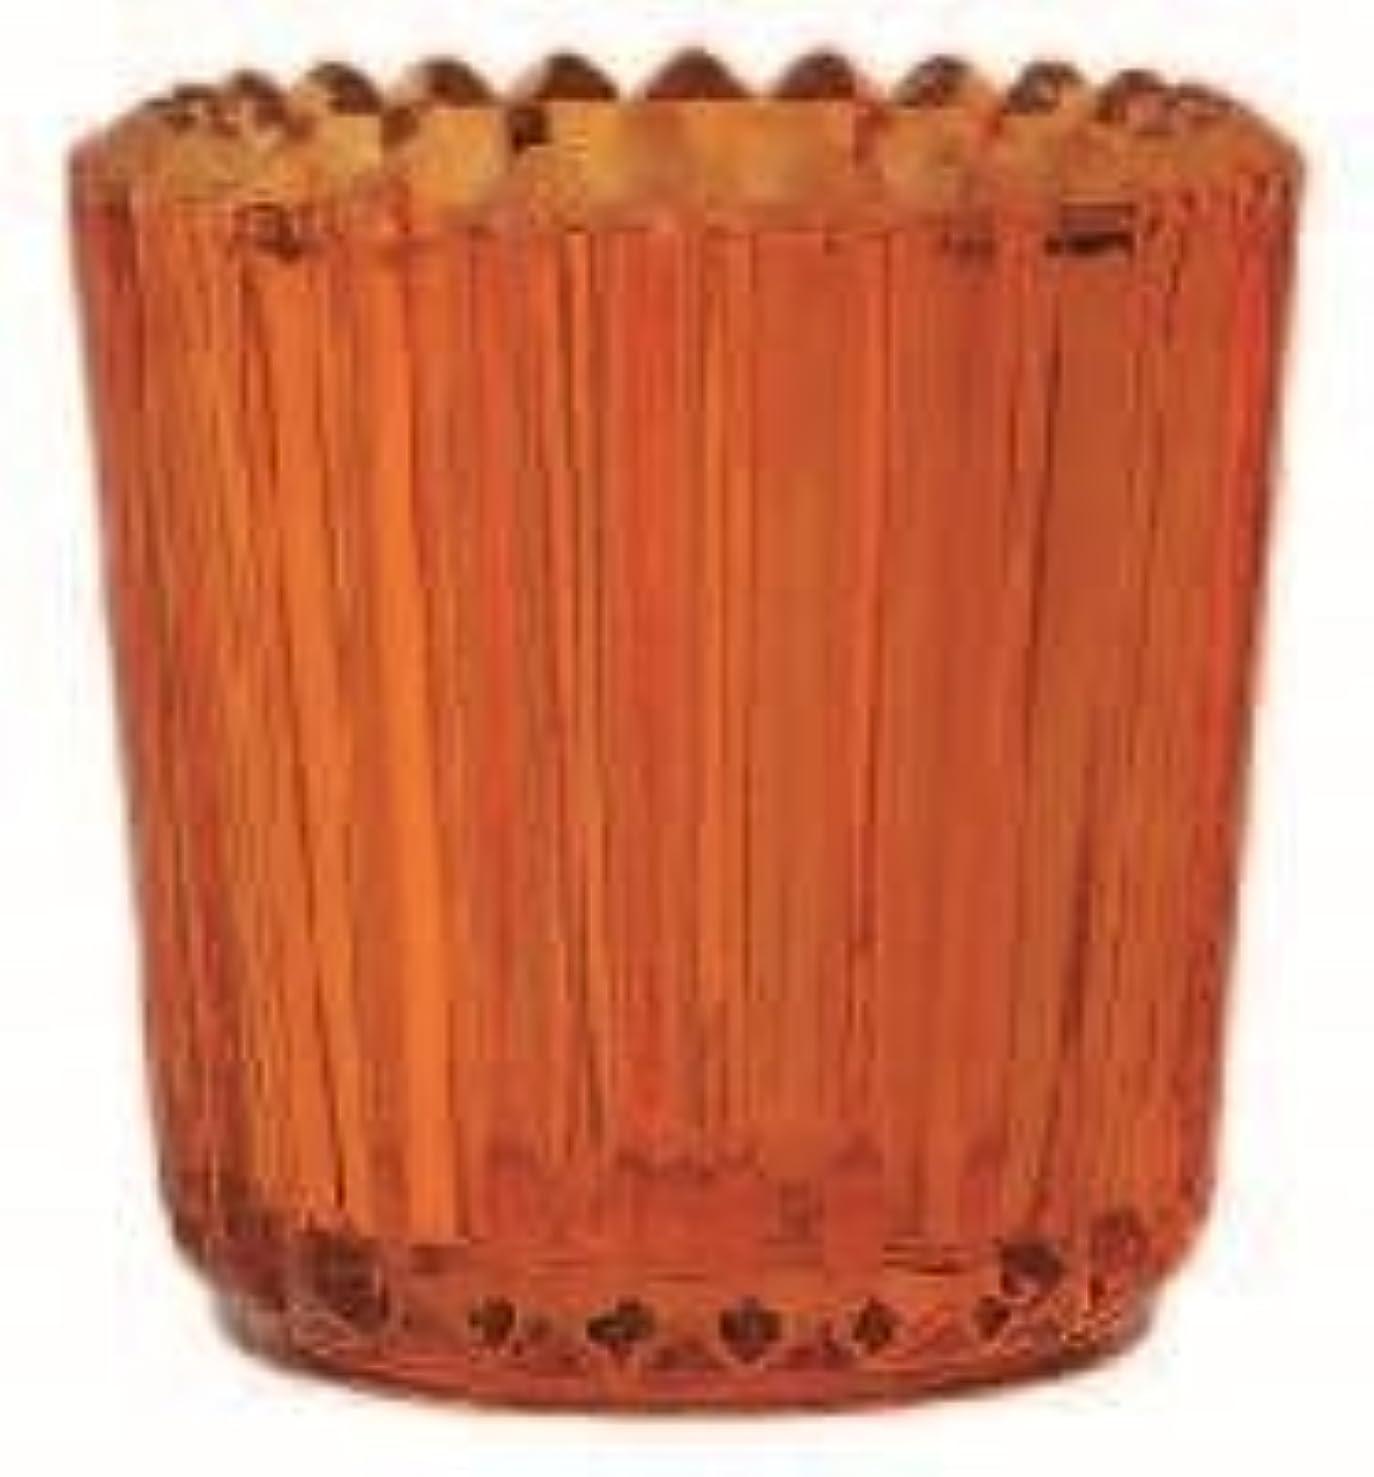 データ麻酔薬効率kameyama candle(カメヤマキャンドル) ソレイユ 「 オレンジ 」(J5120000OR)